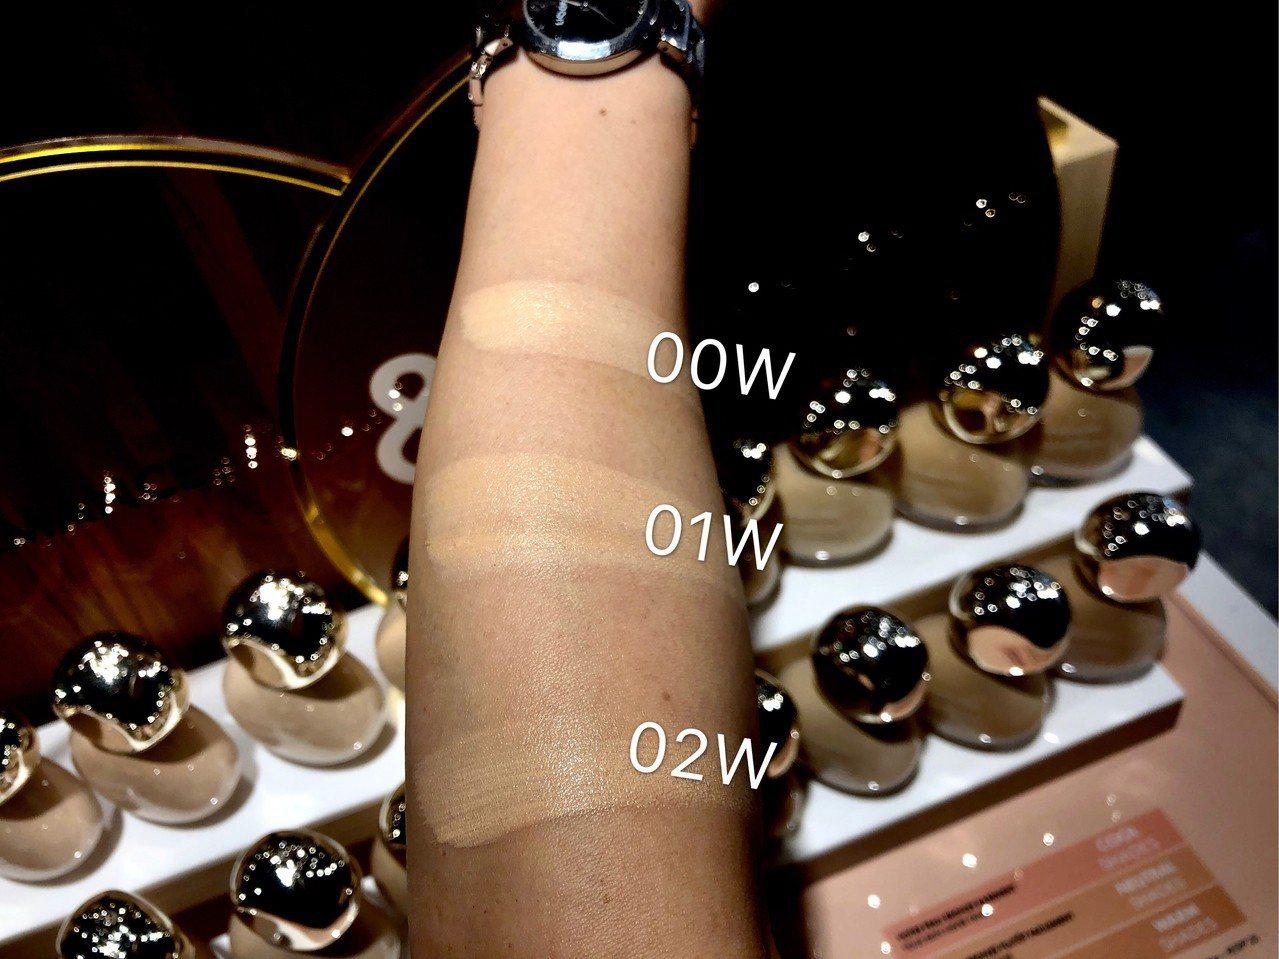 亮顏裸光純粹粉底液推出3種新色號,超適合亞洲人的黃皮膚。記者劉小川/攝影